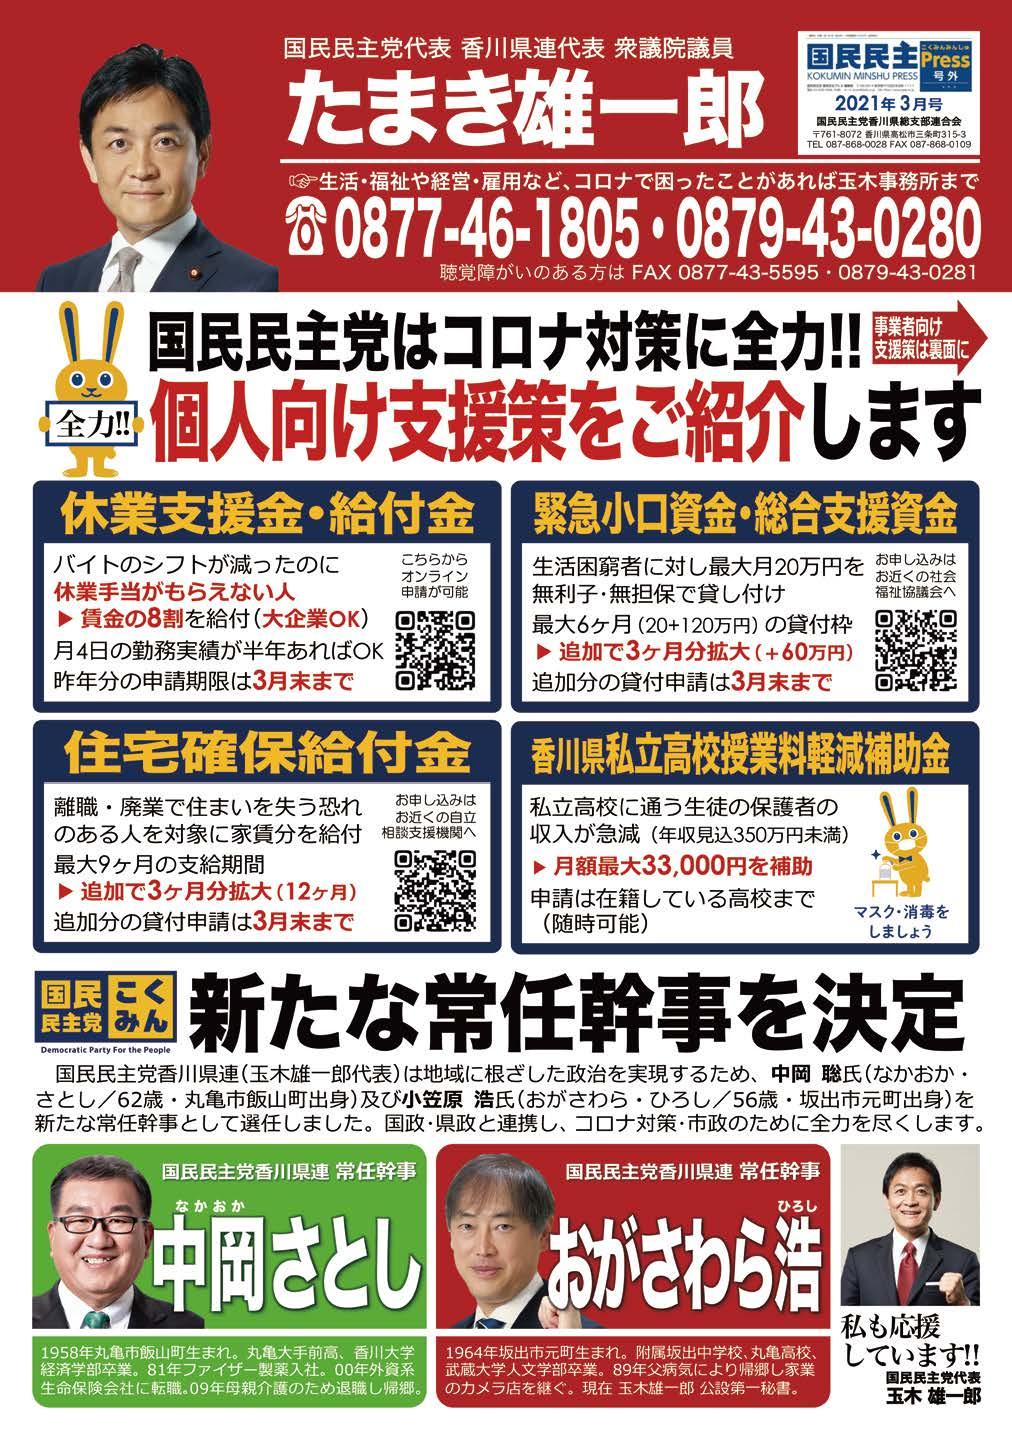 2021/02/25発行 国民プレス新聞折込